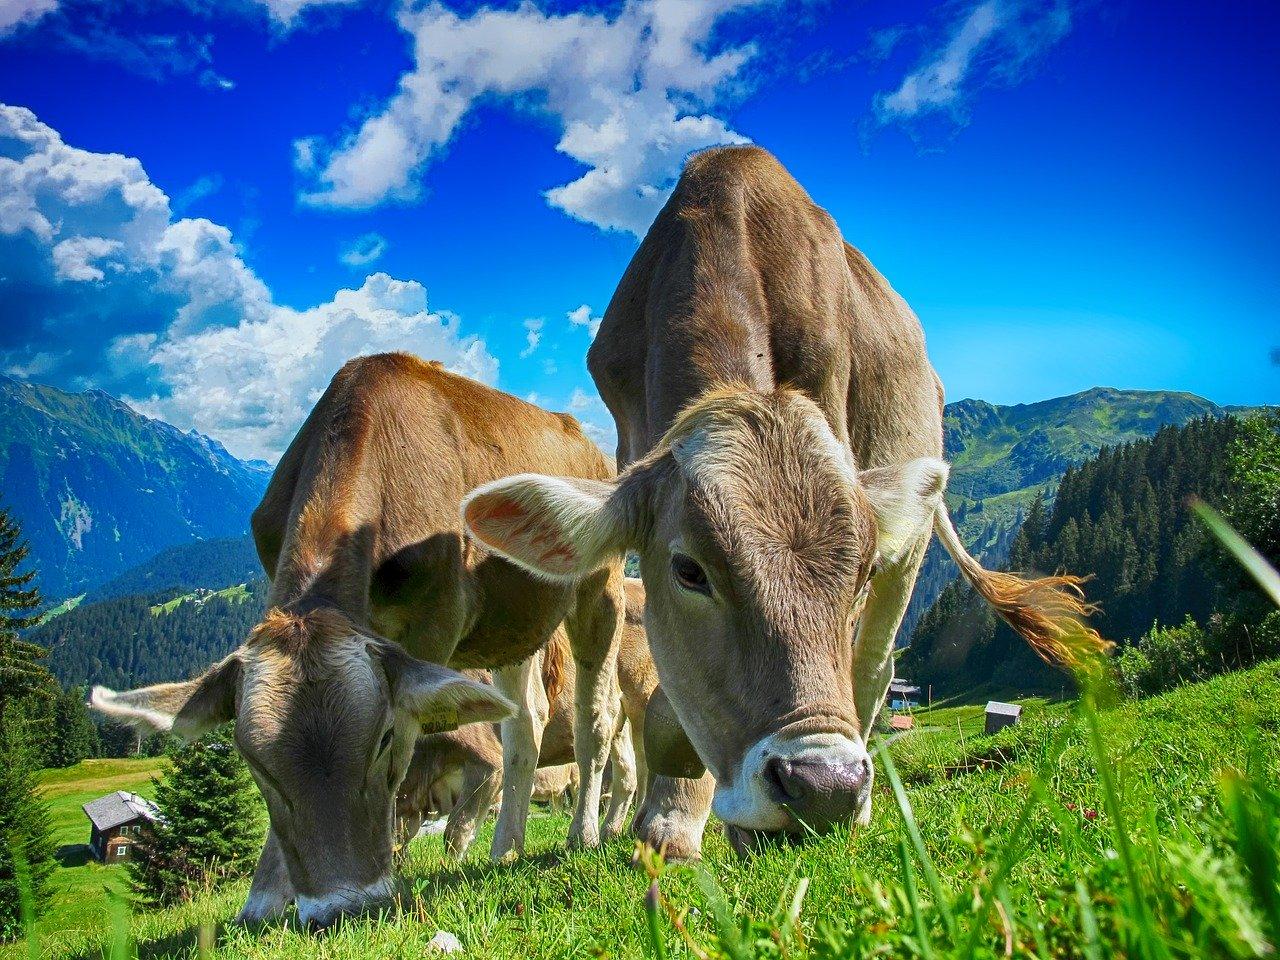 [RAZISKUJEMO]: Veganom je živinoreja trn v peti